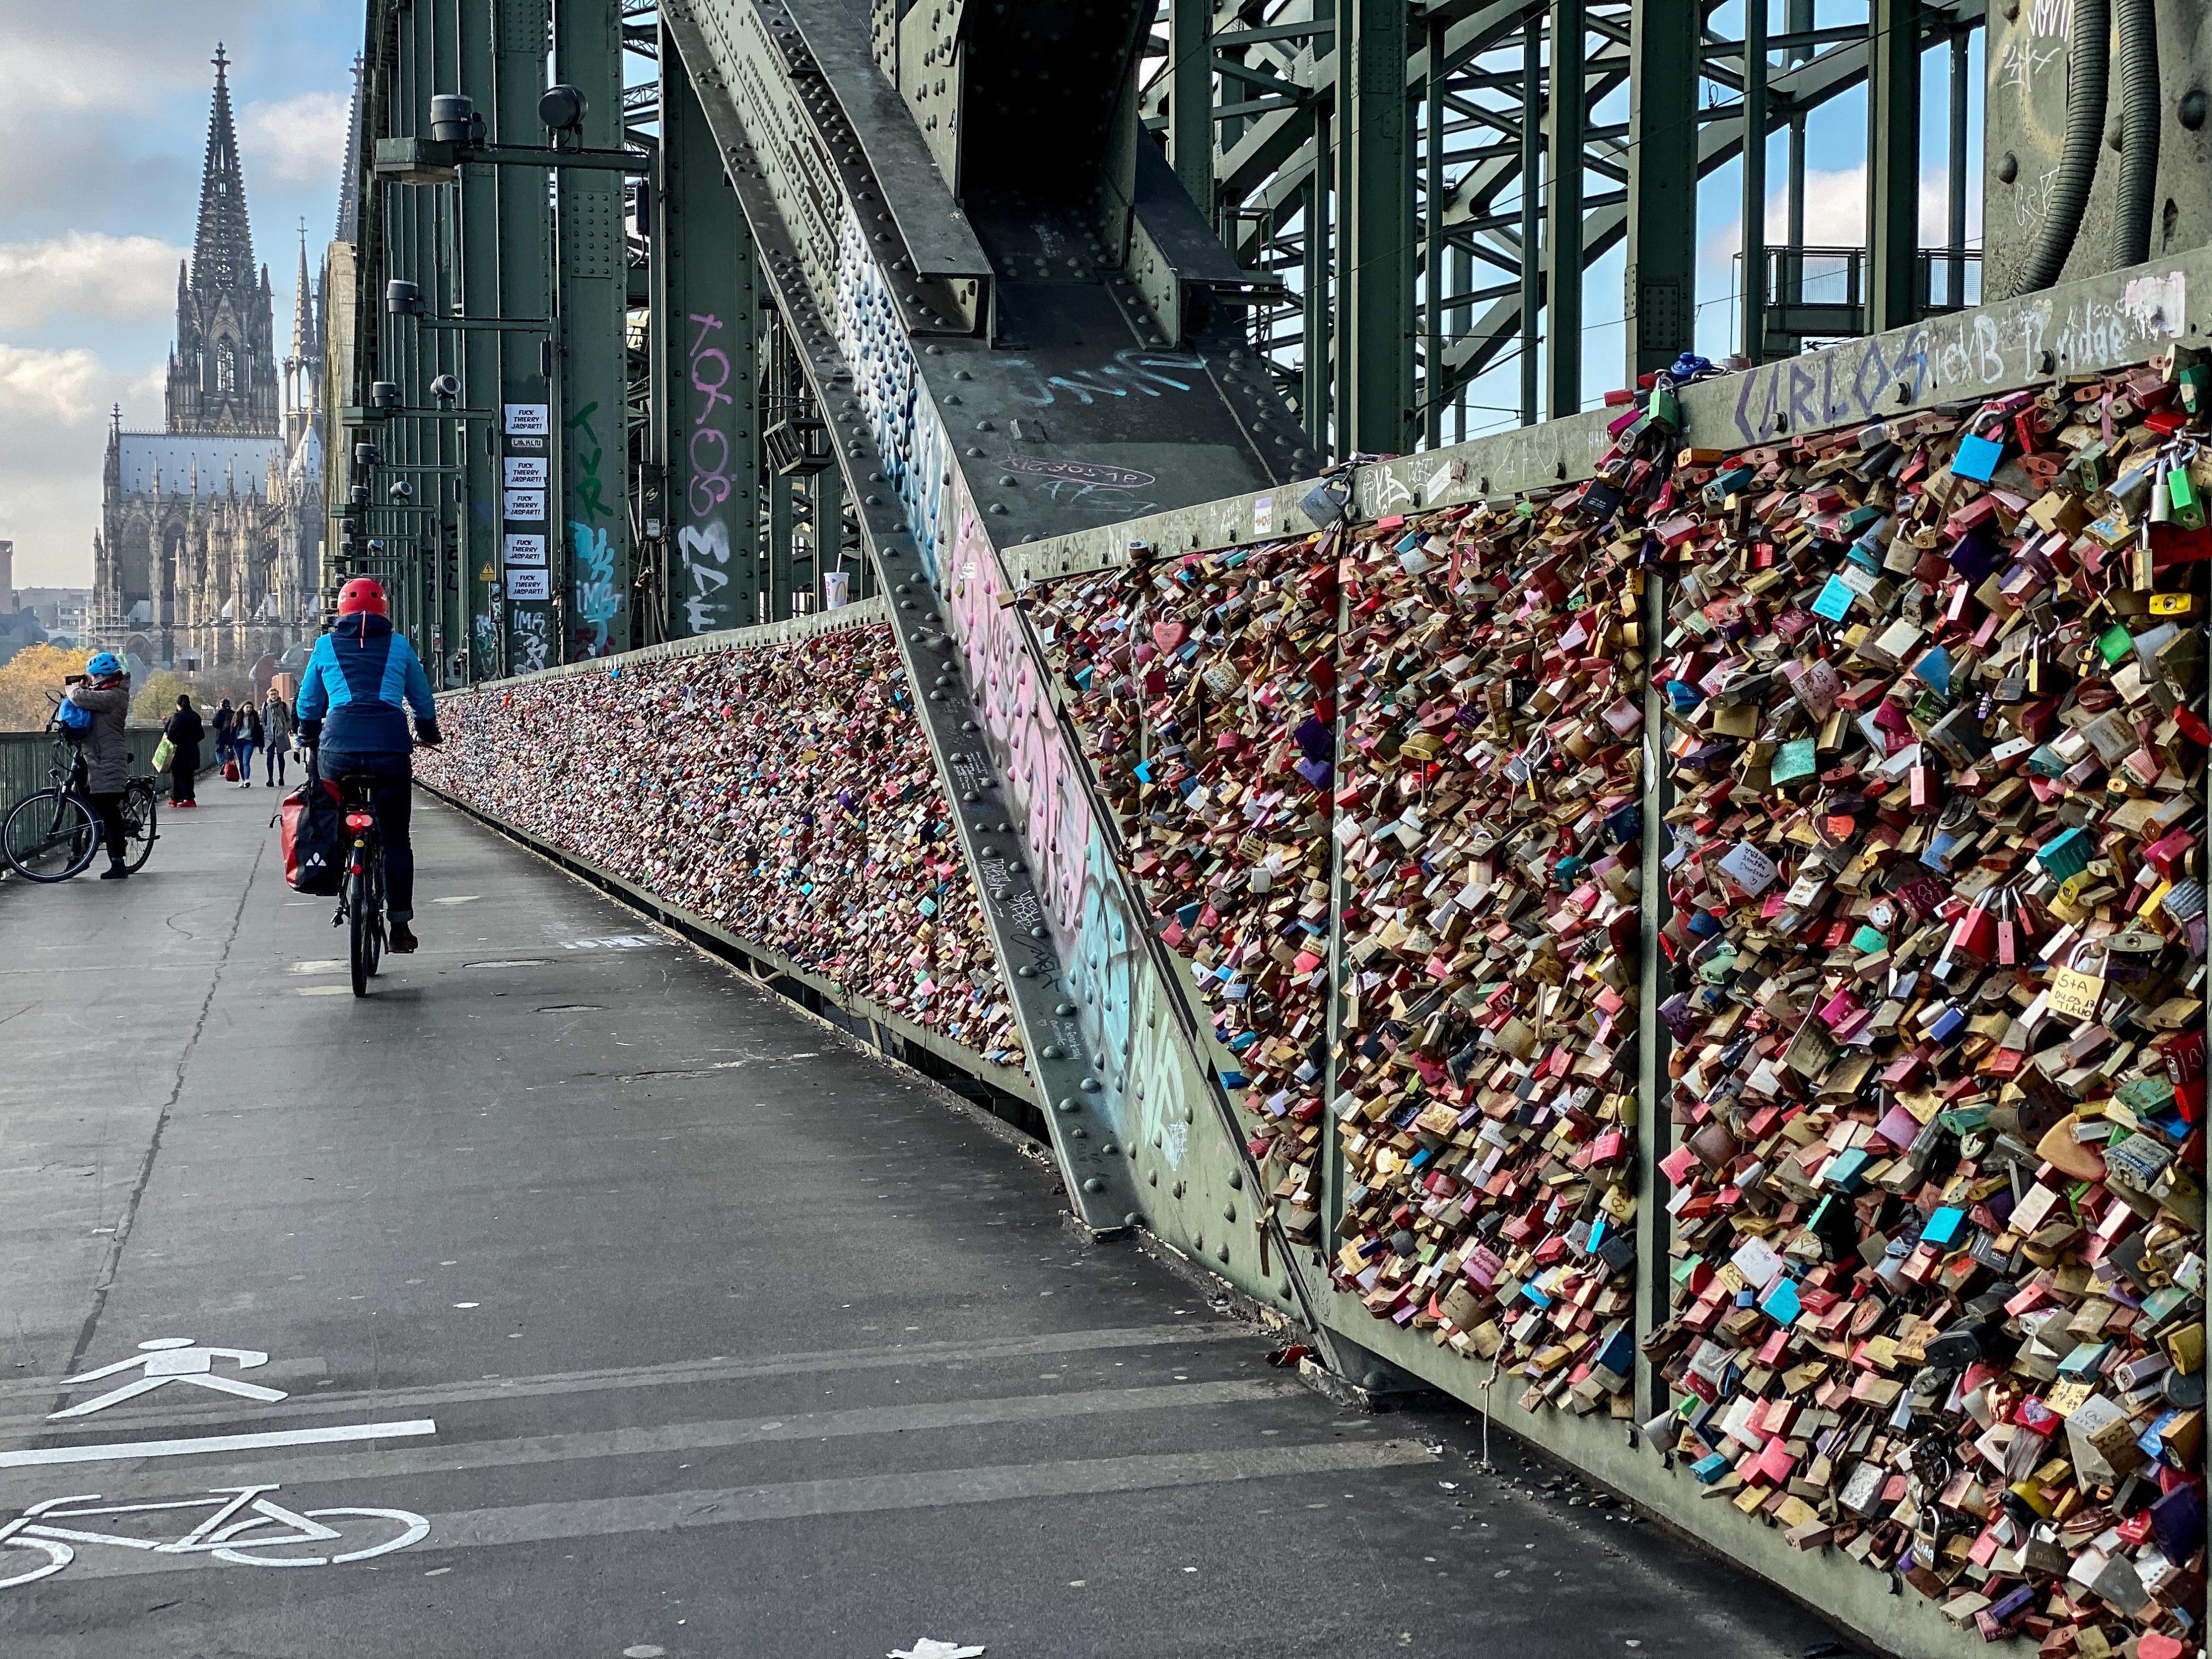 Schlösserromantik in Köln am Rhein Brücke mit Schlösserwand